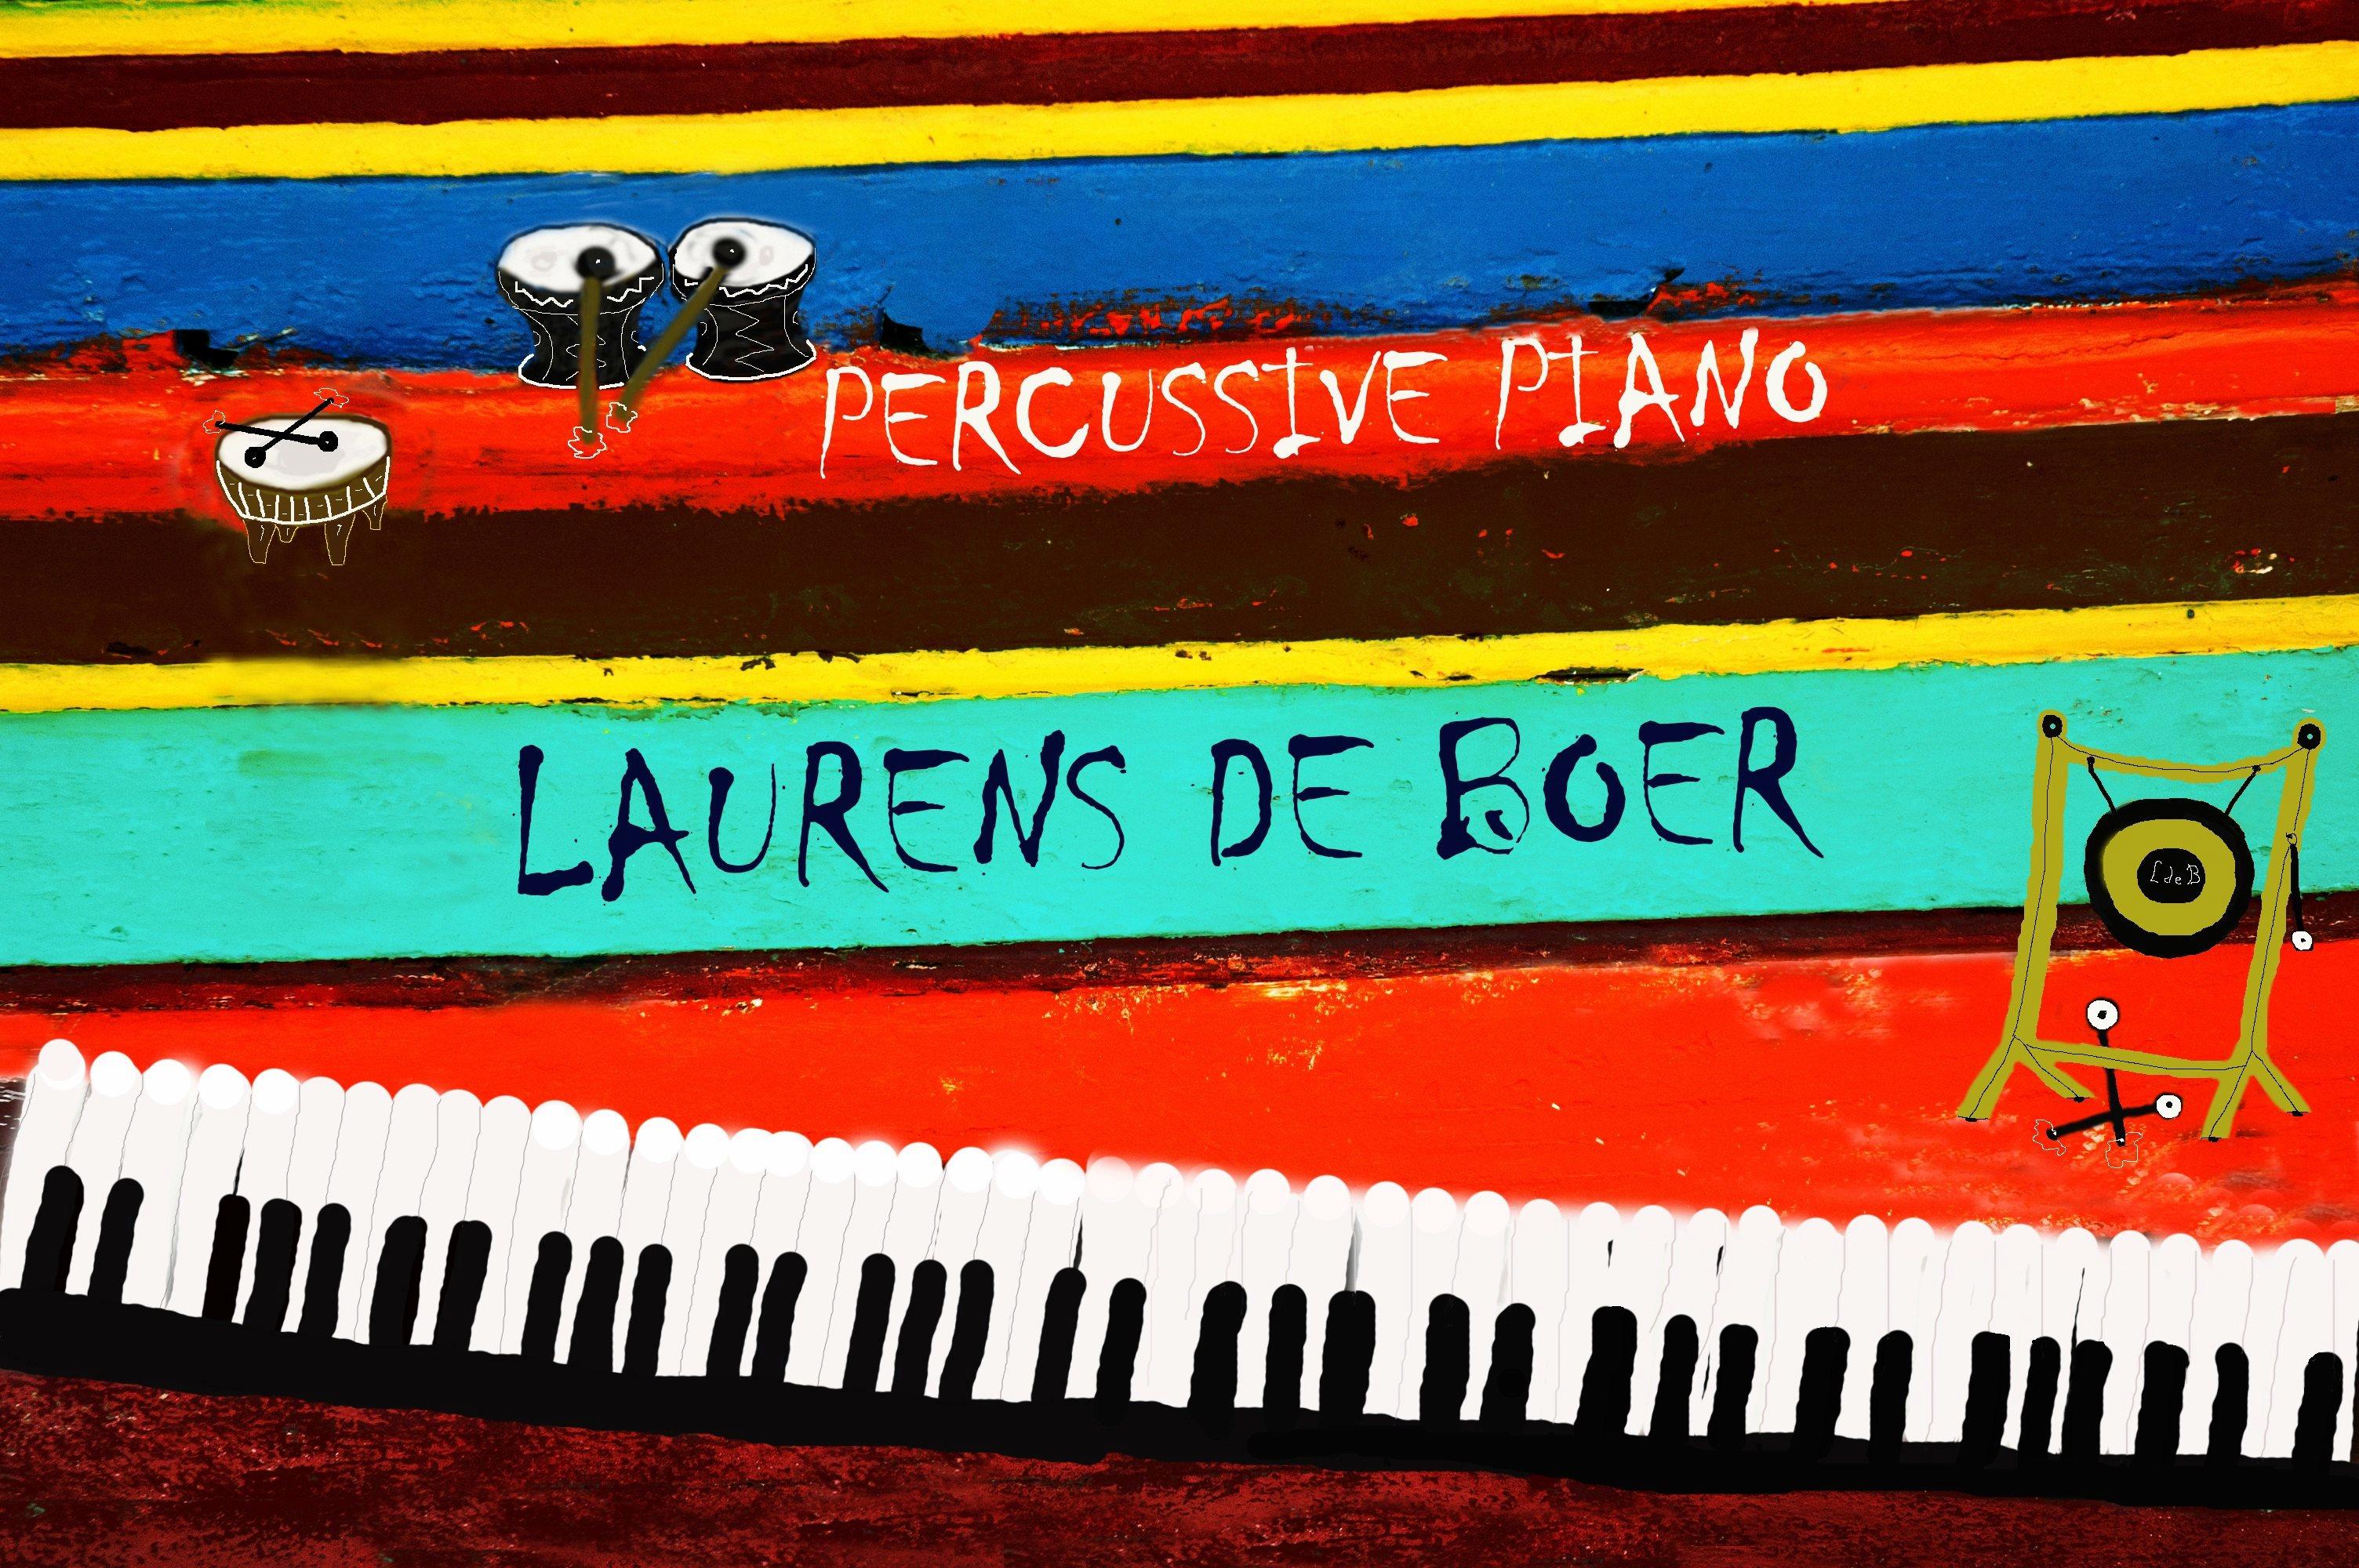 Artwork Percussive Piano 2014 credits Lex Koers compr